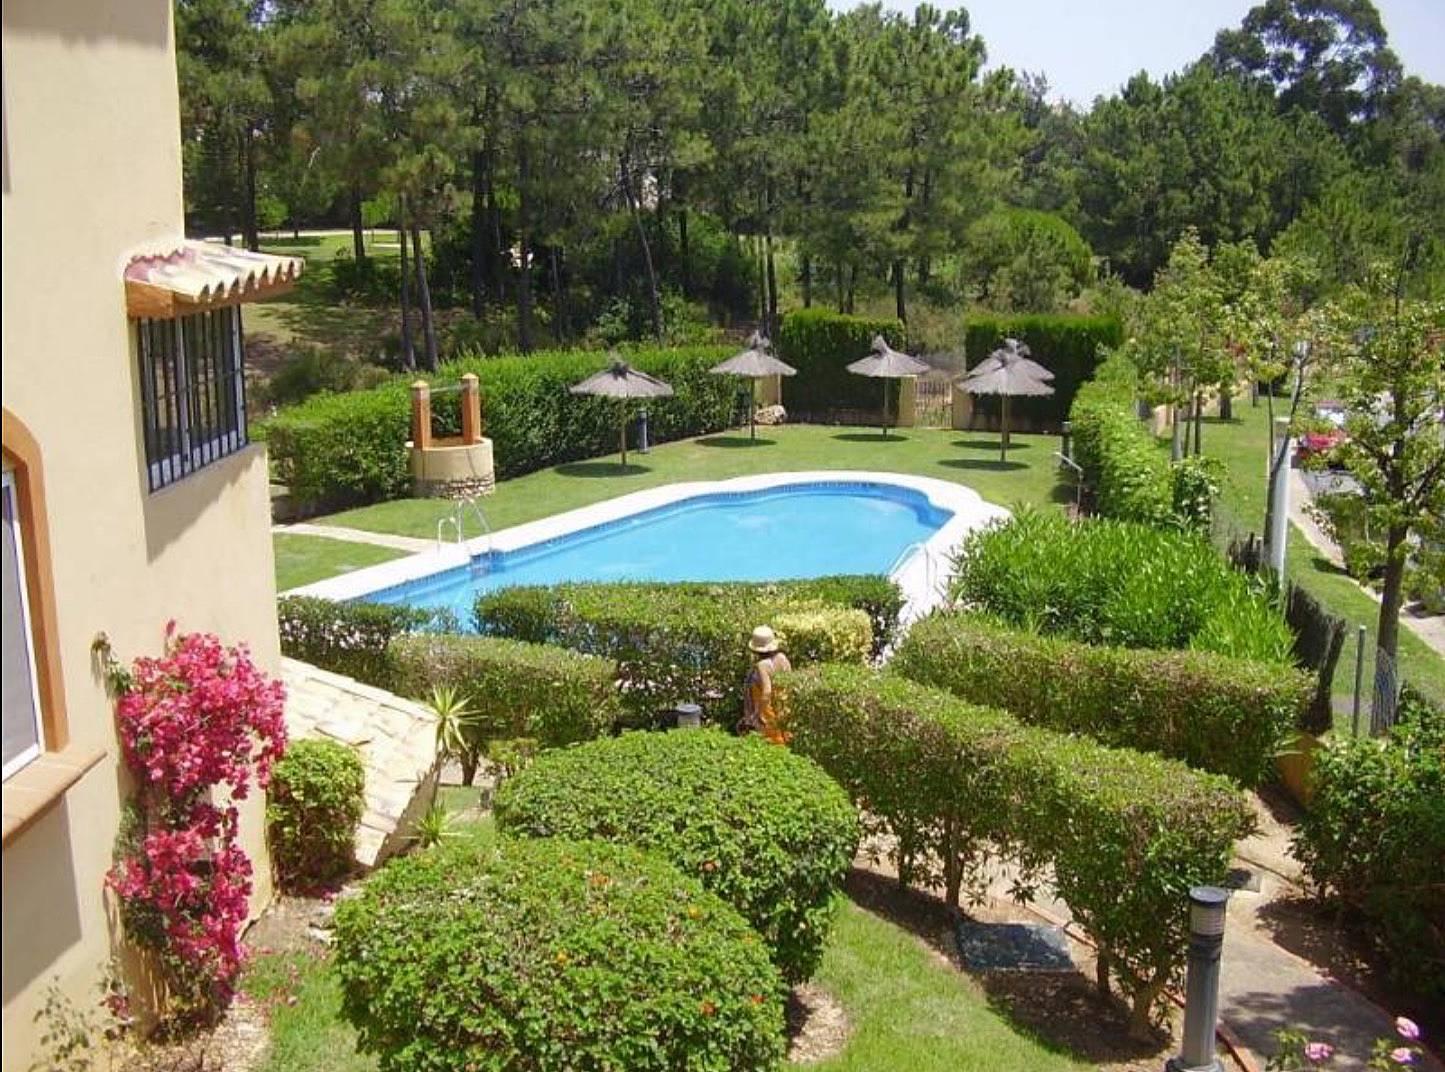 Apartamento de 1 habitaci n a 800 m de la playa - Rentalia islantilla ...